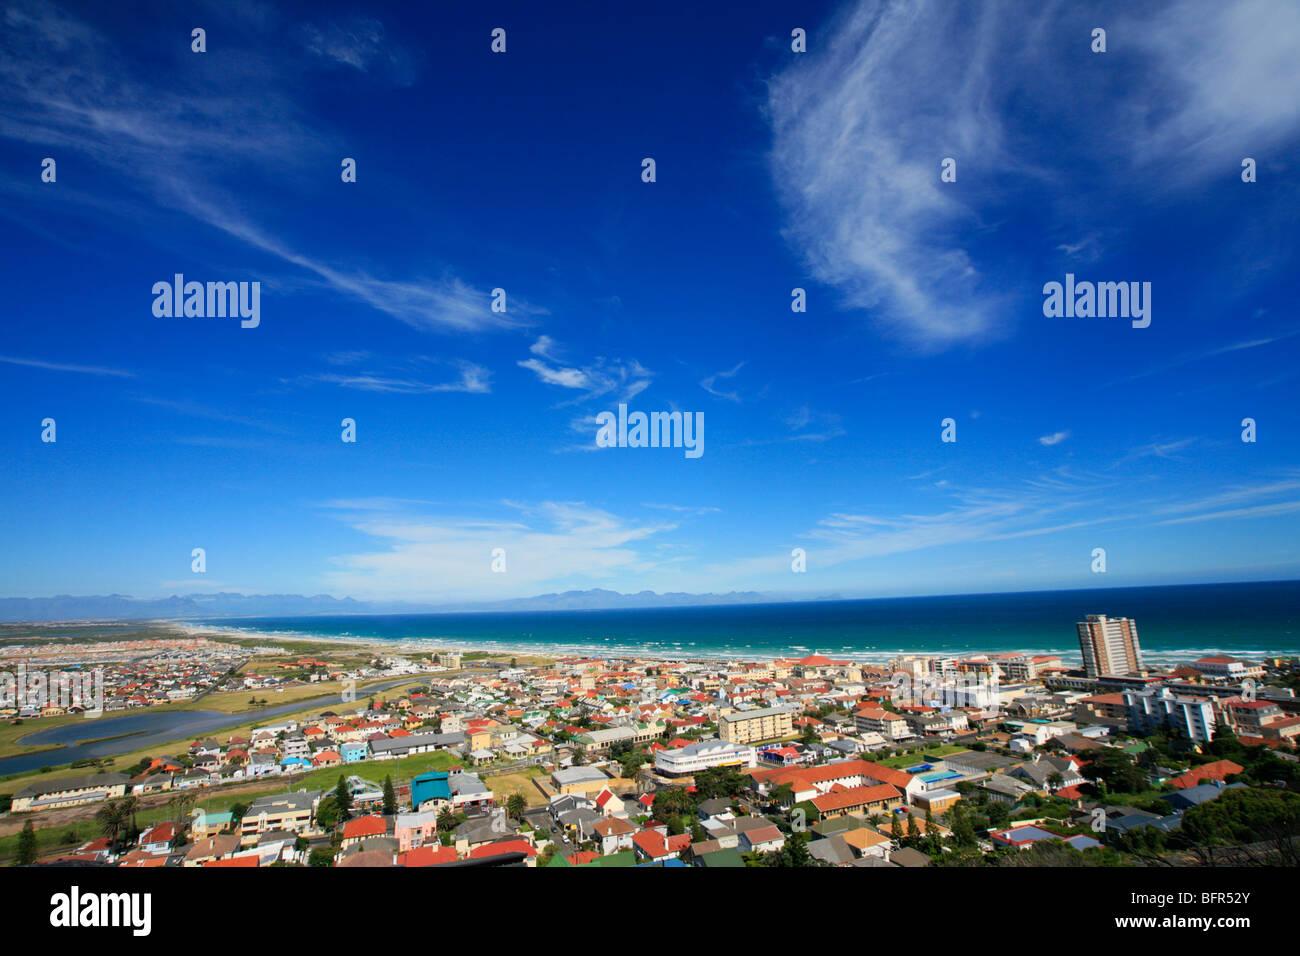 Ampio angolo di visione su case di Kalk Bay Immagini Stock